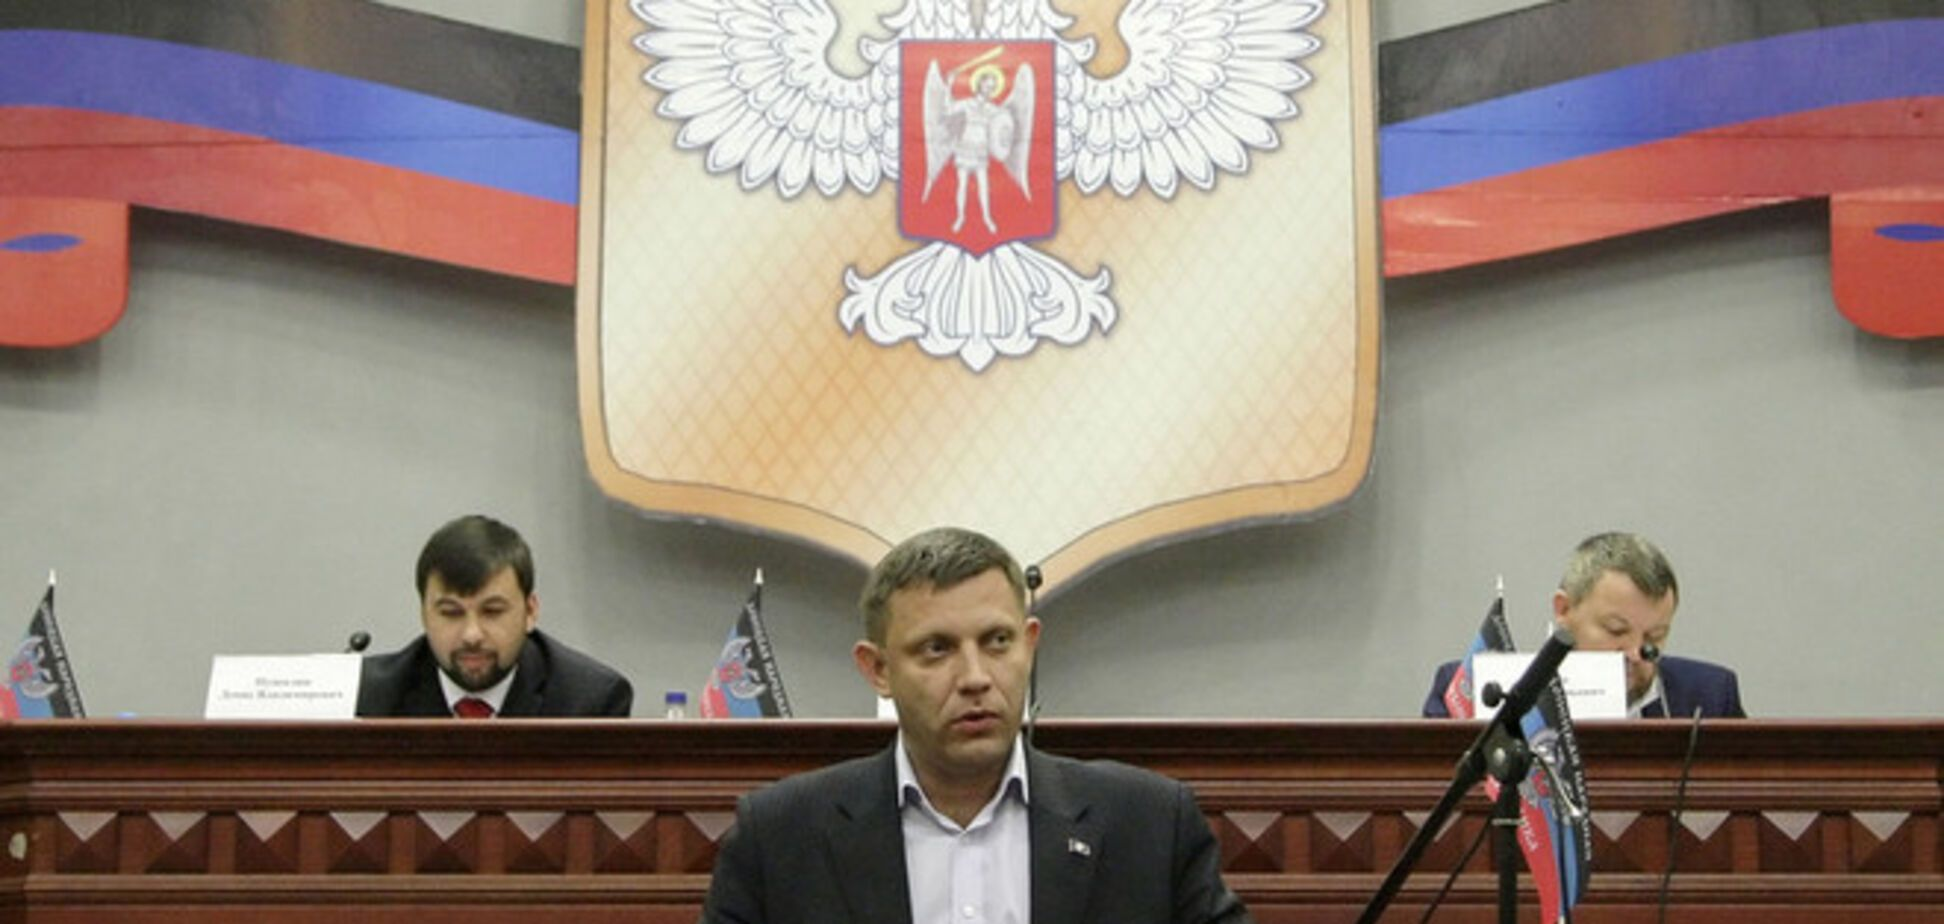 Российский драматург предположил, что главарь боевиков Захарченко начал игру против Путина